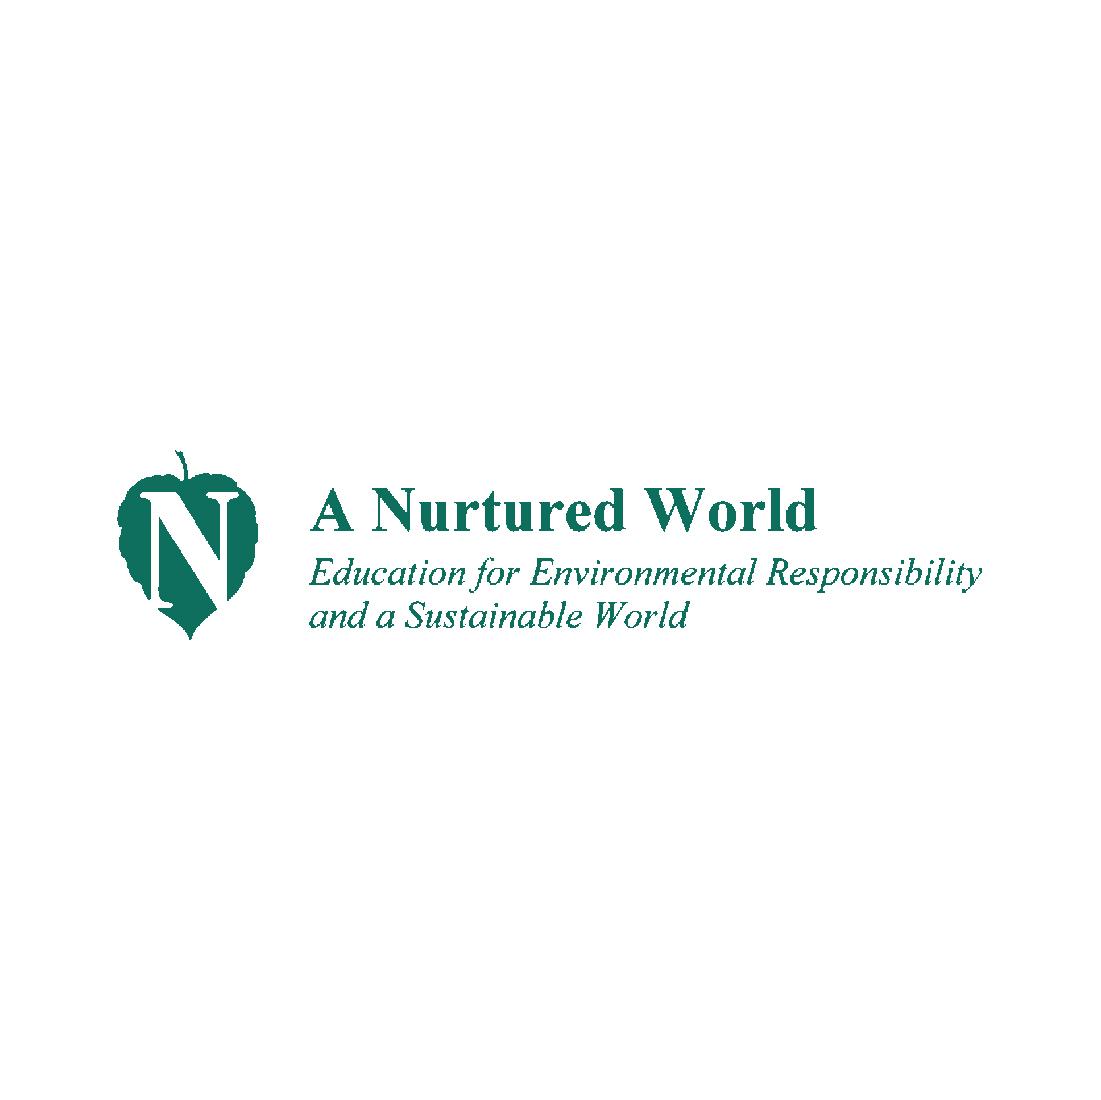 A Nurtured World logo